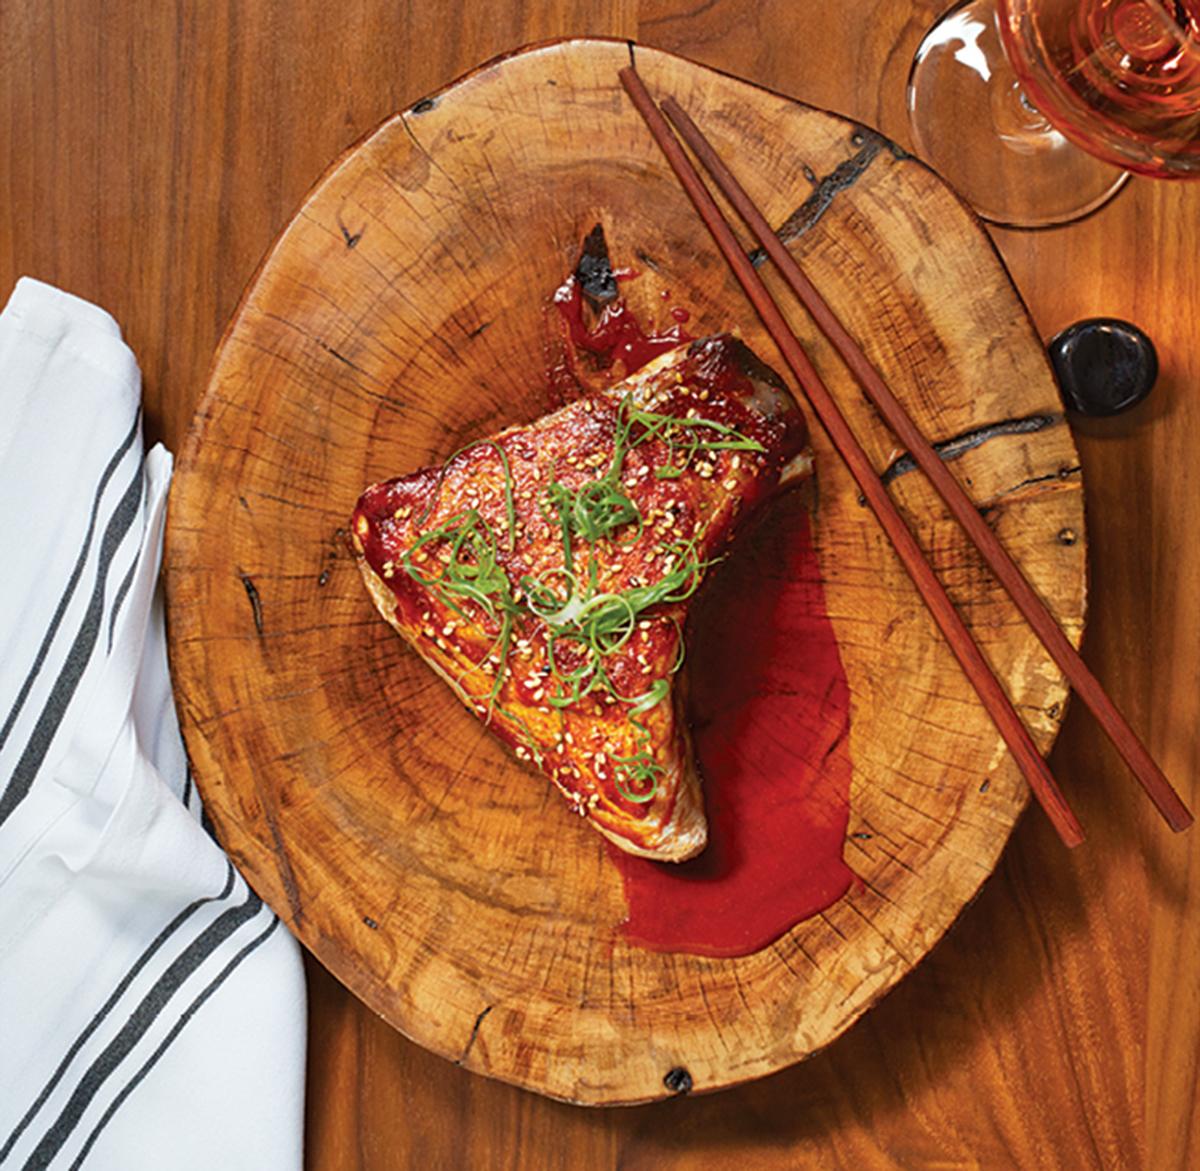 uni restaurant review 2